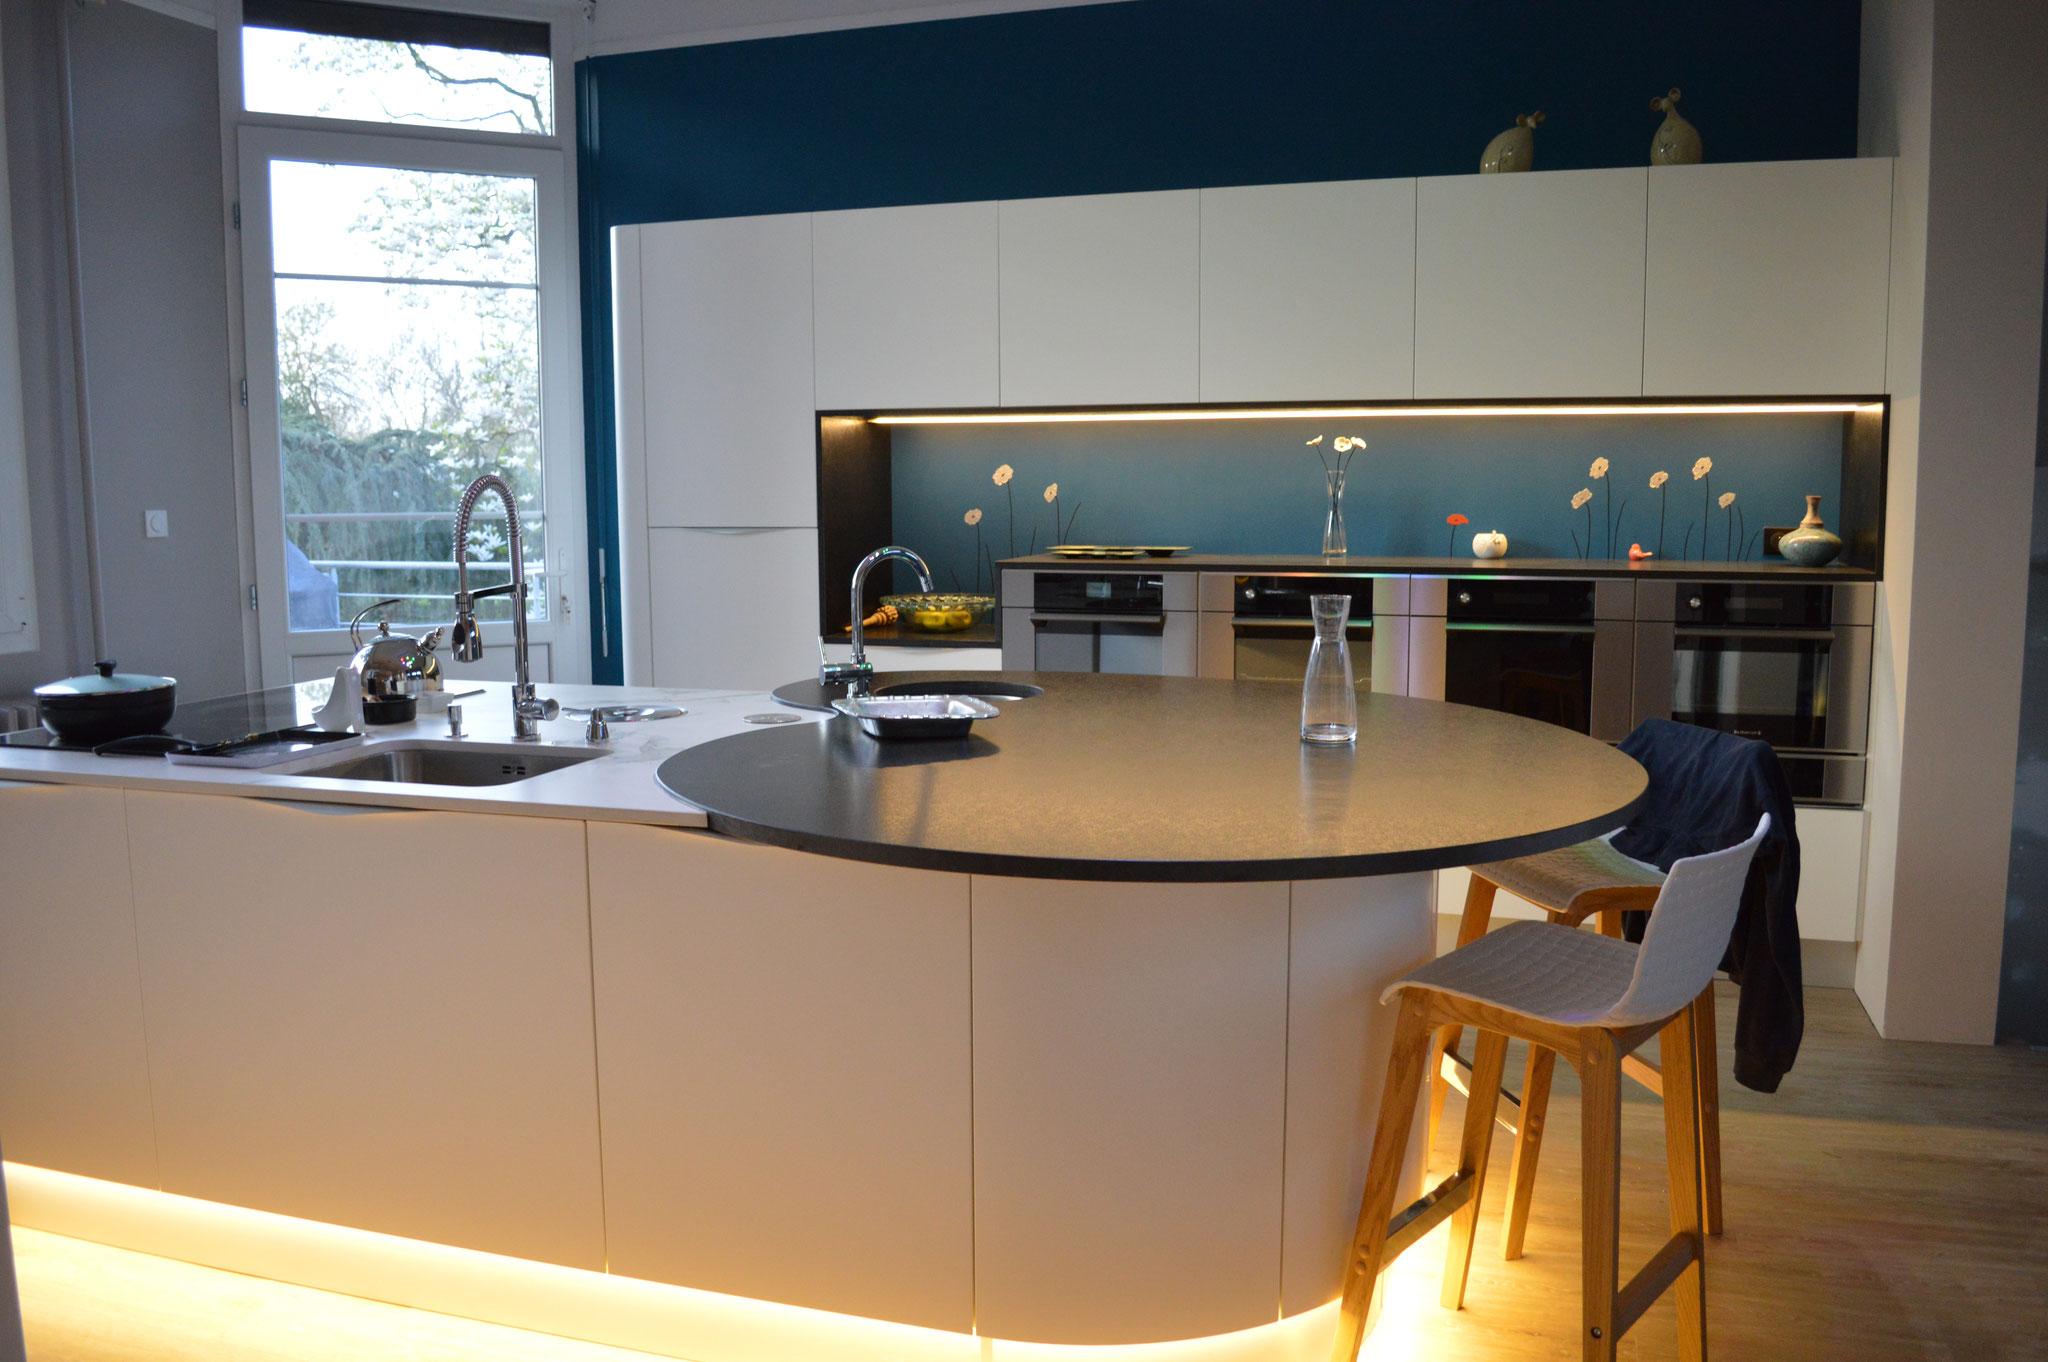 Pièce réhabilitée en cuisine en collaboration avec Coté Cuisines de Bagneux (49), réalisation personnalisée de la crédence et des murs